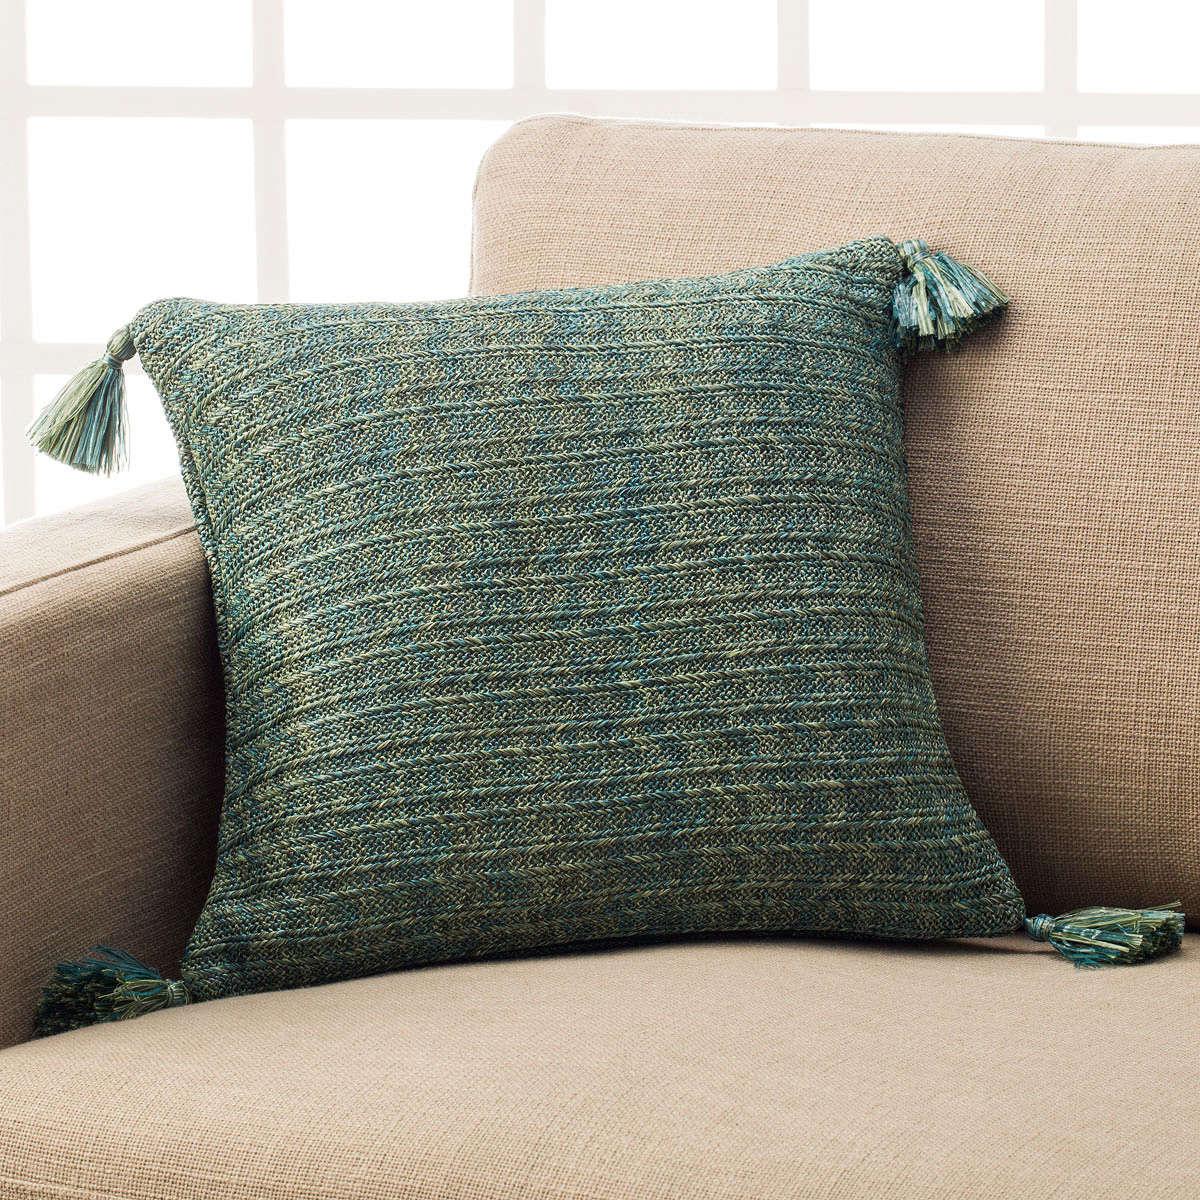 Μαξιλαροθήκη Διακοσμητική Inteligo Turkuaz 799/11 Gofis Home 45X45 100% Polyester